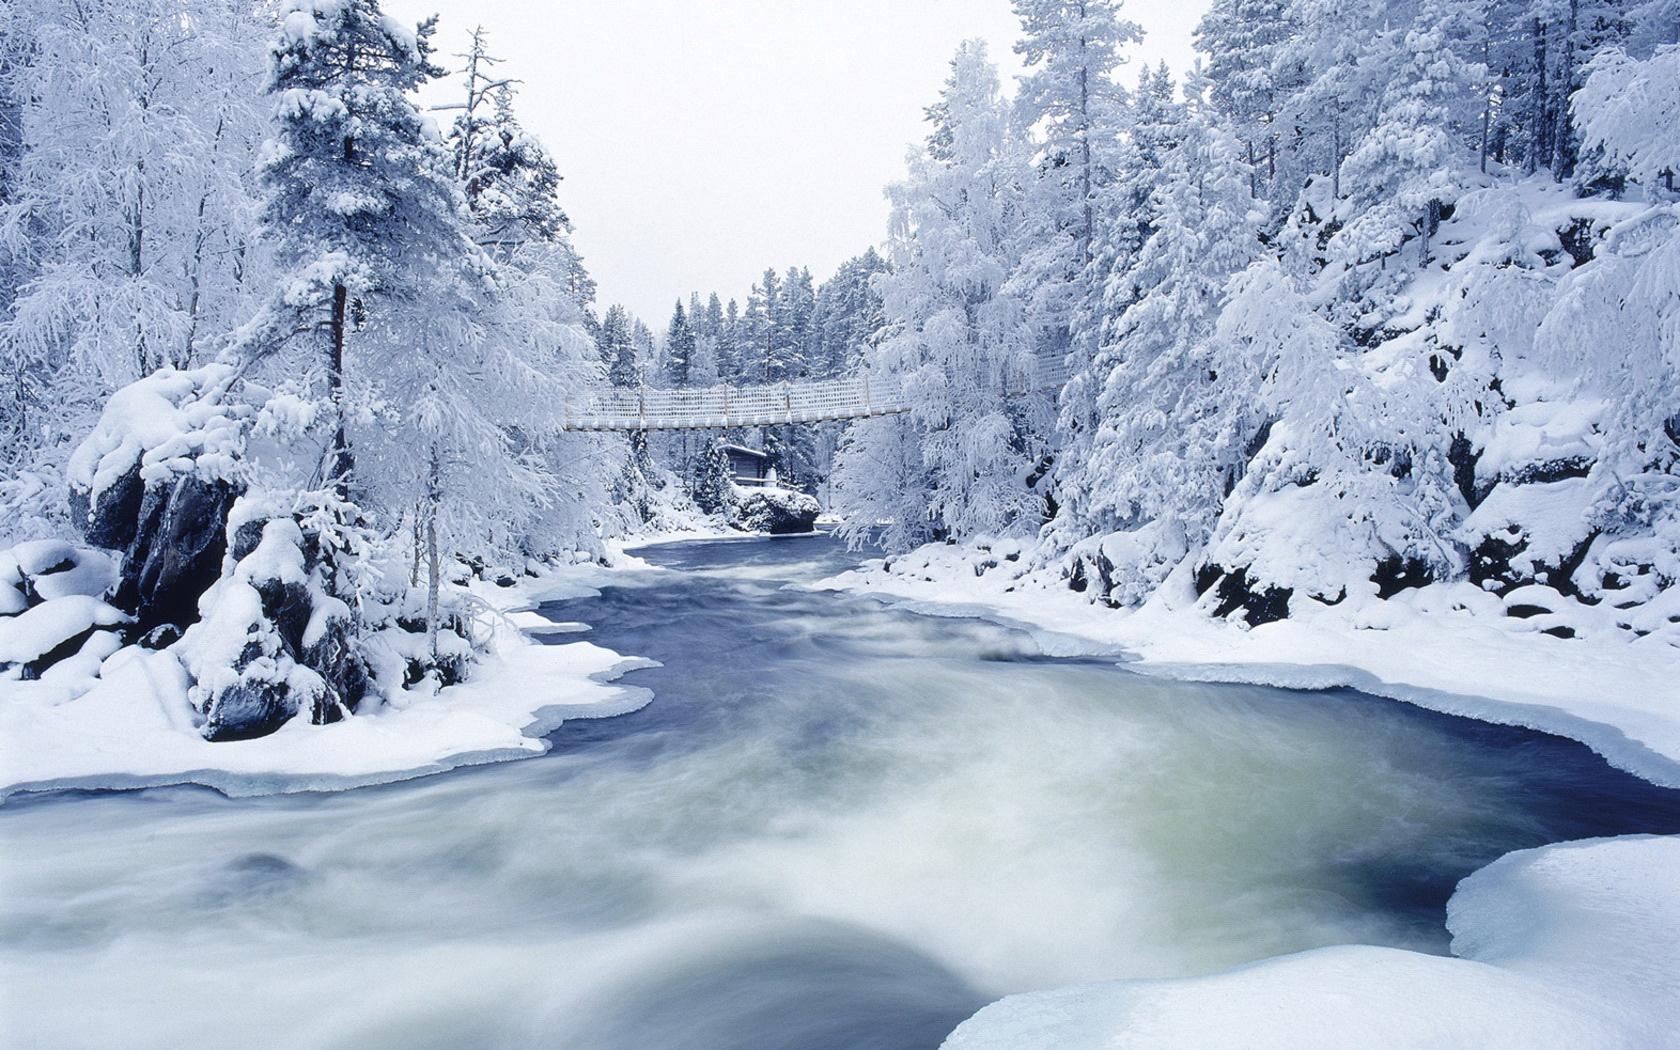 Hintergrundbilder jahreszeiten winter schnee natur